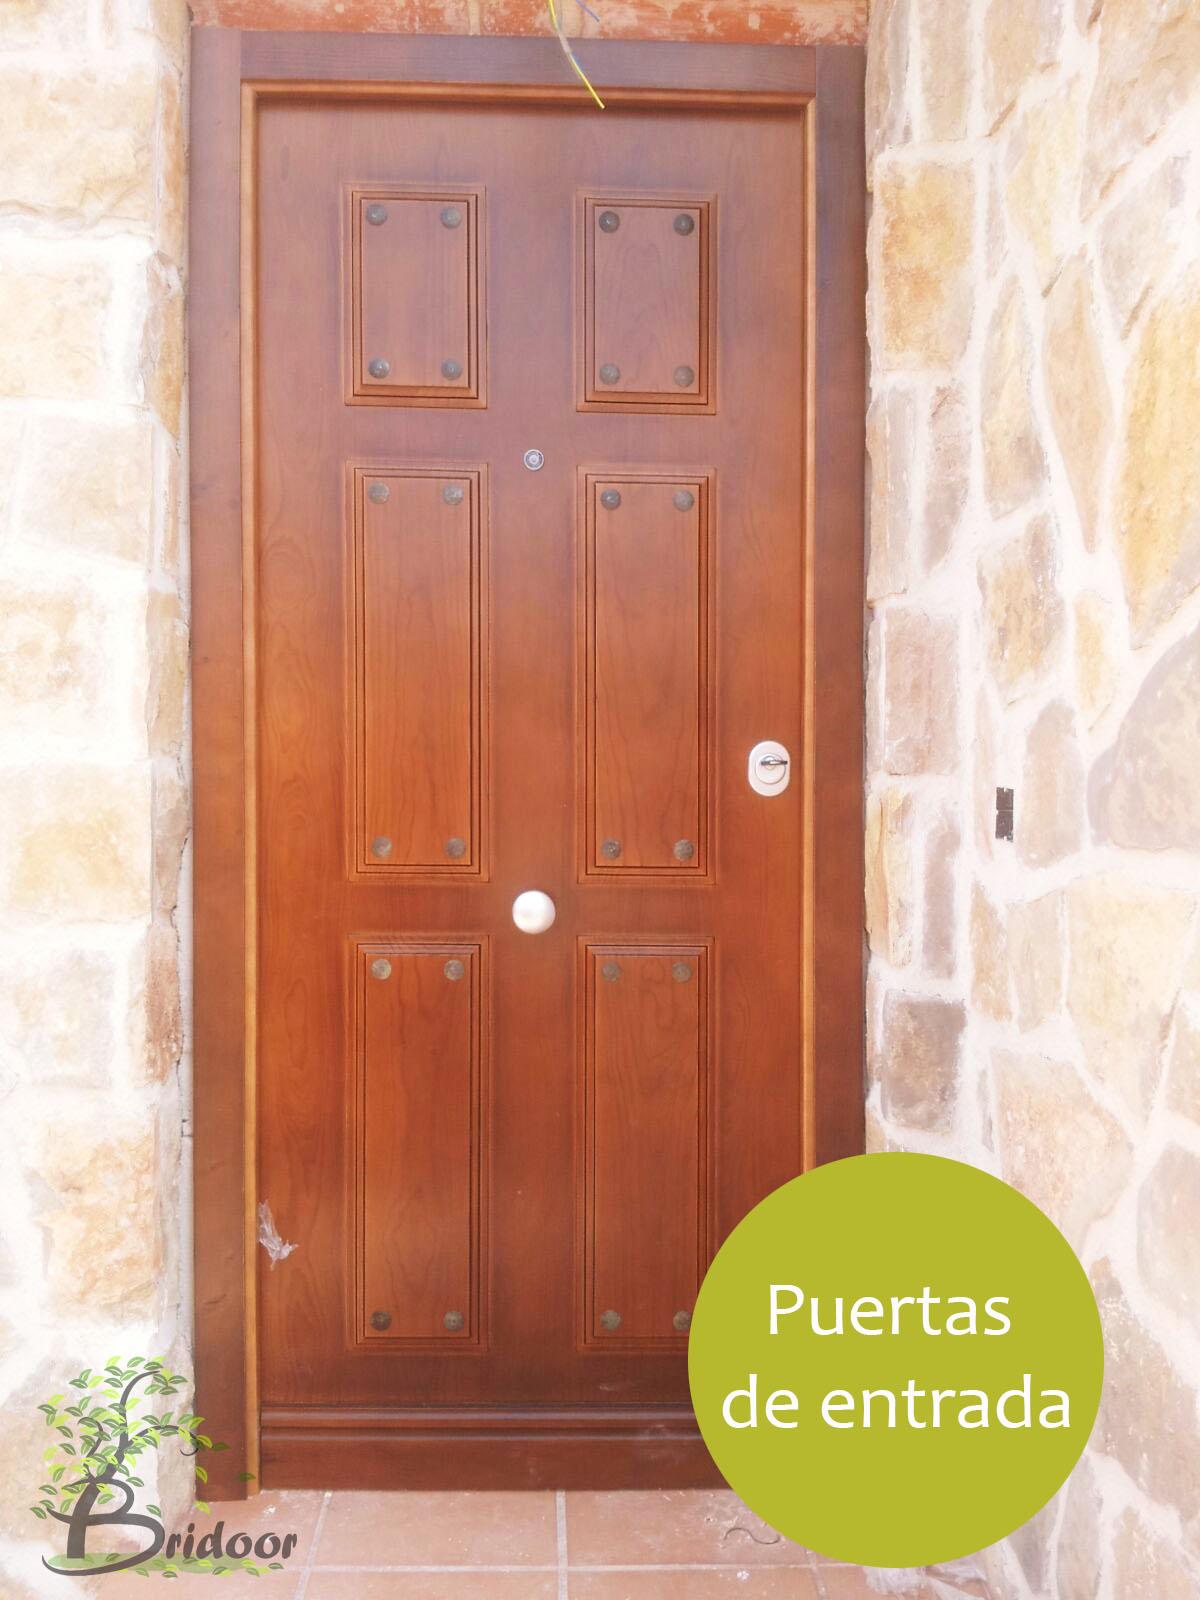 Bridoor s l puerta de entrada roble en soto del real for Modelos de puertas de madera modernas